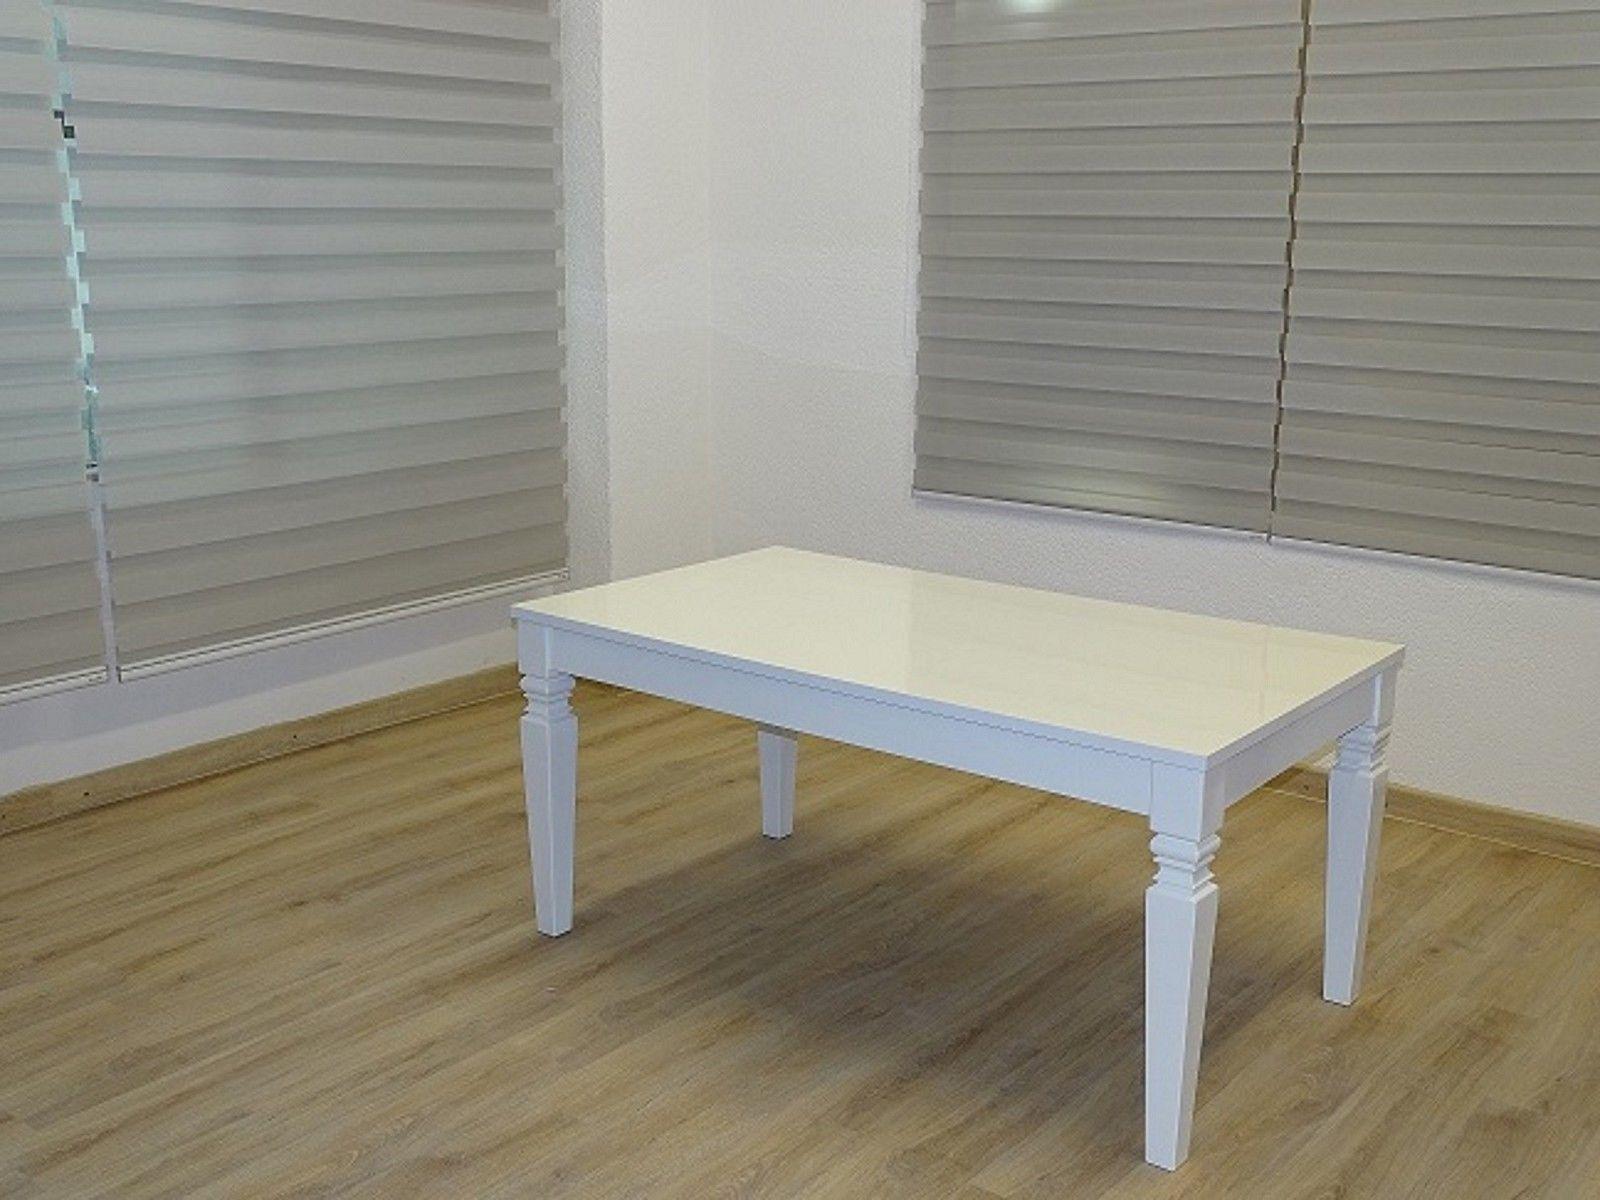 esstisch k chentisch wei hochglanz m bel 29. Black Bedroom Furniture Sets. Home Design Ideas